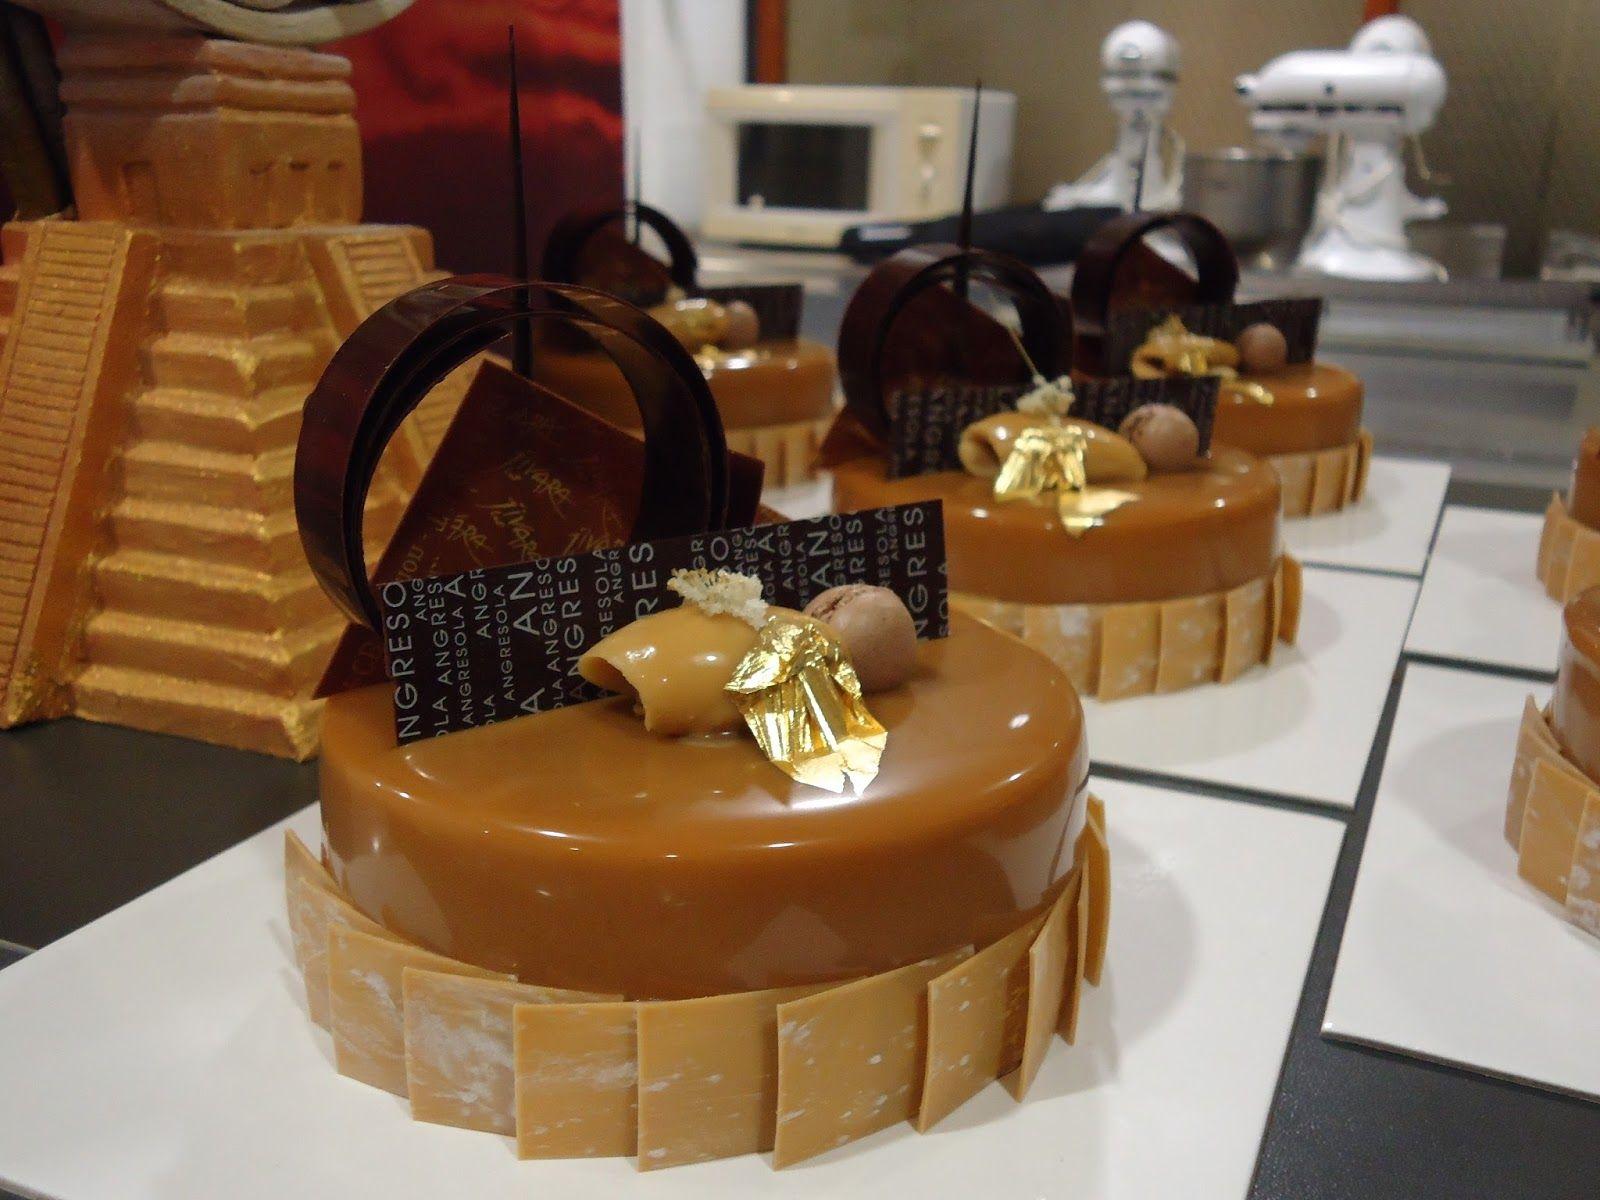 Candy pistachio cocoa cake pistachio brioche brioche - Mousse decoration ...